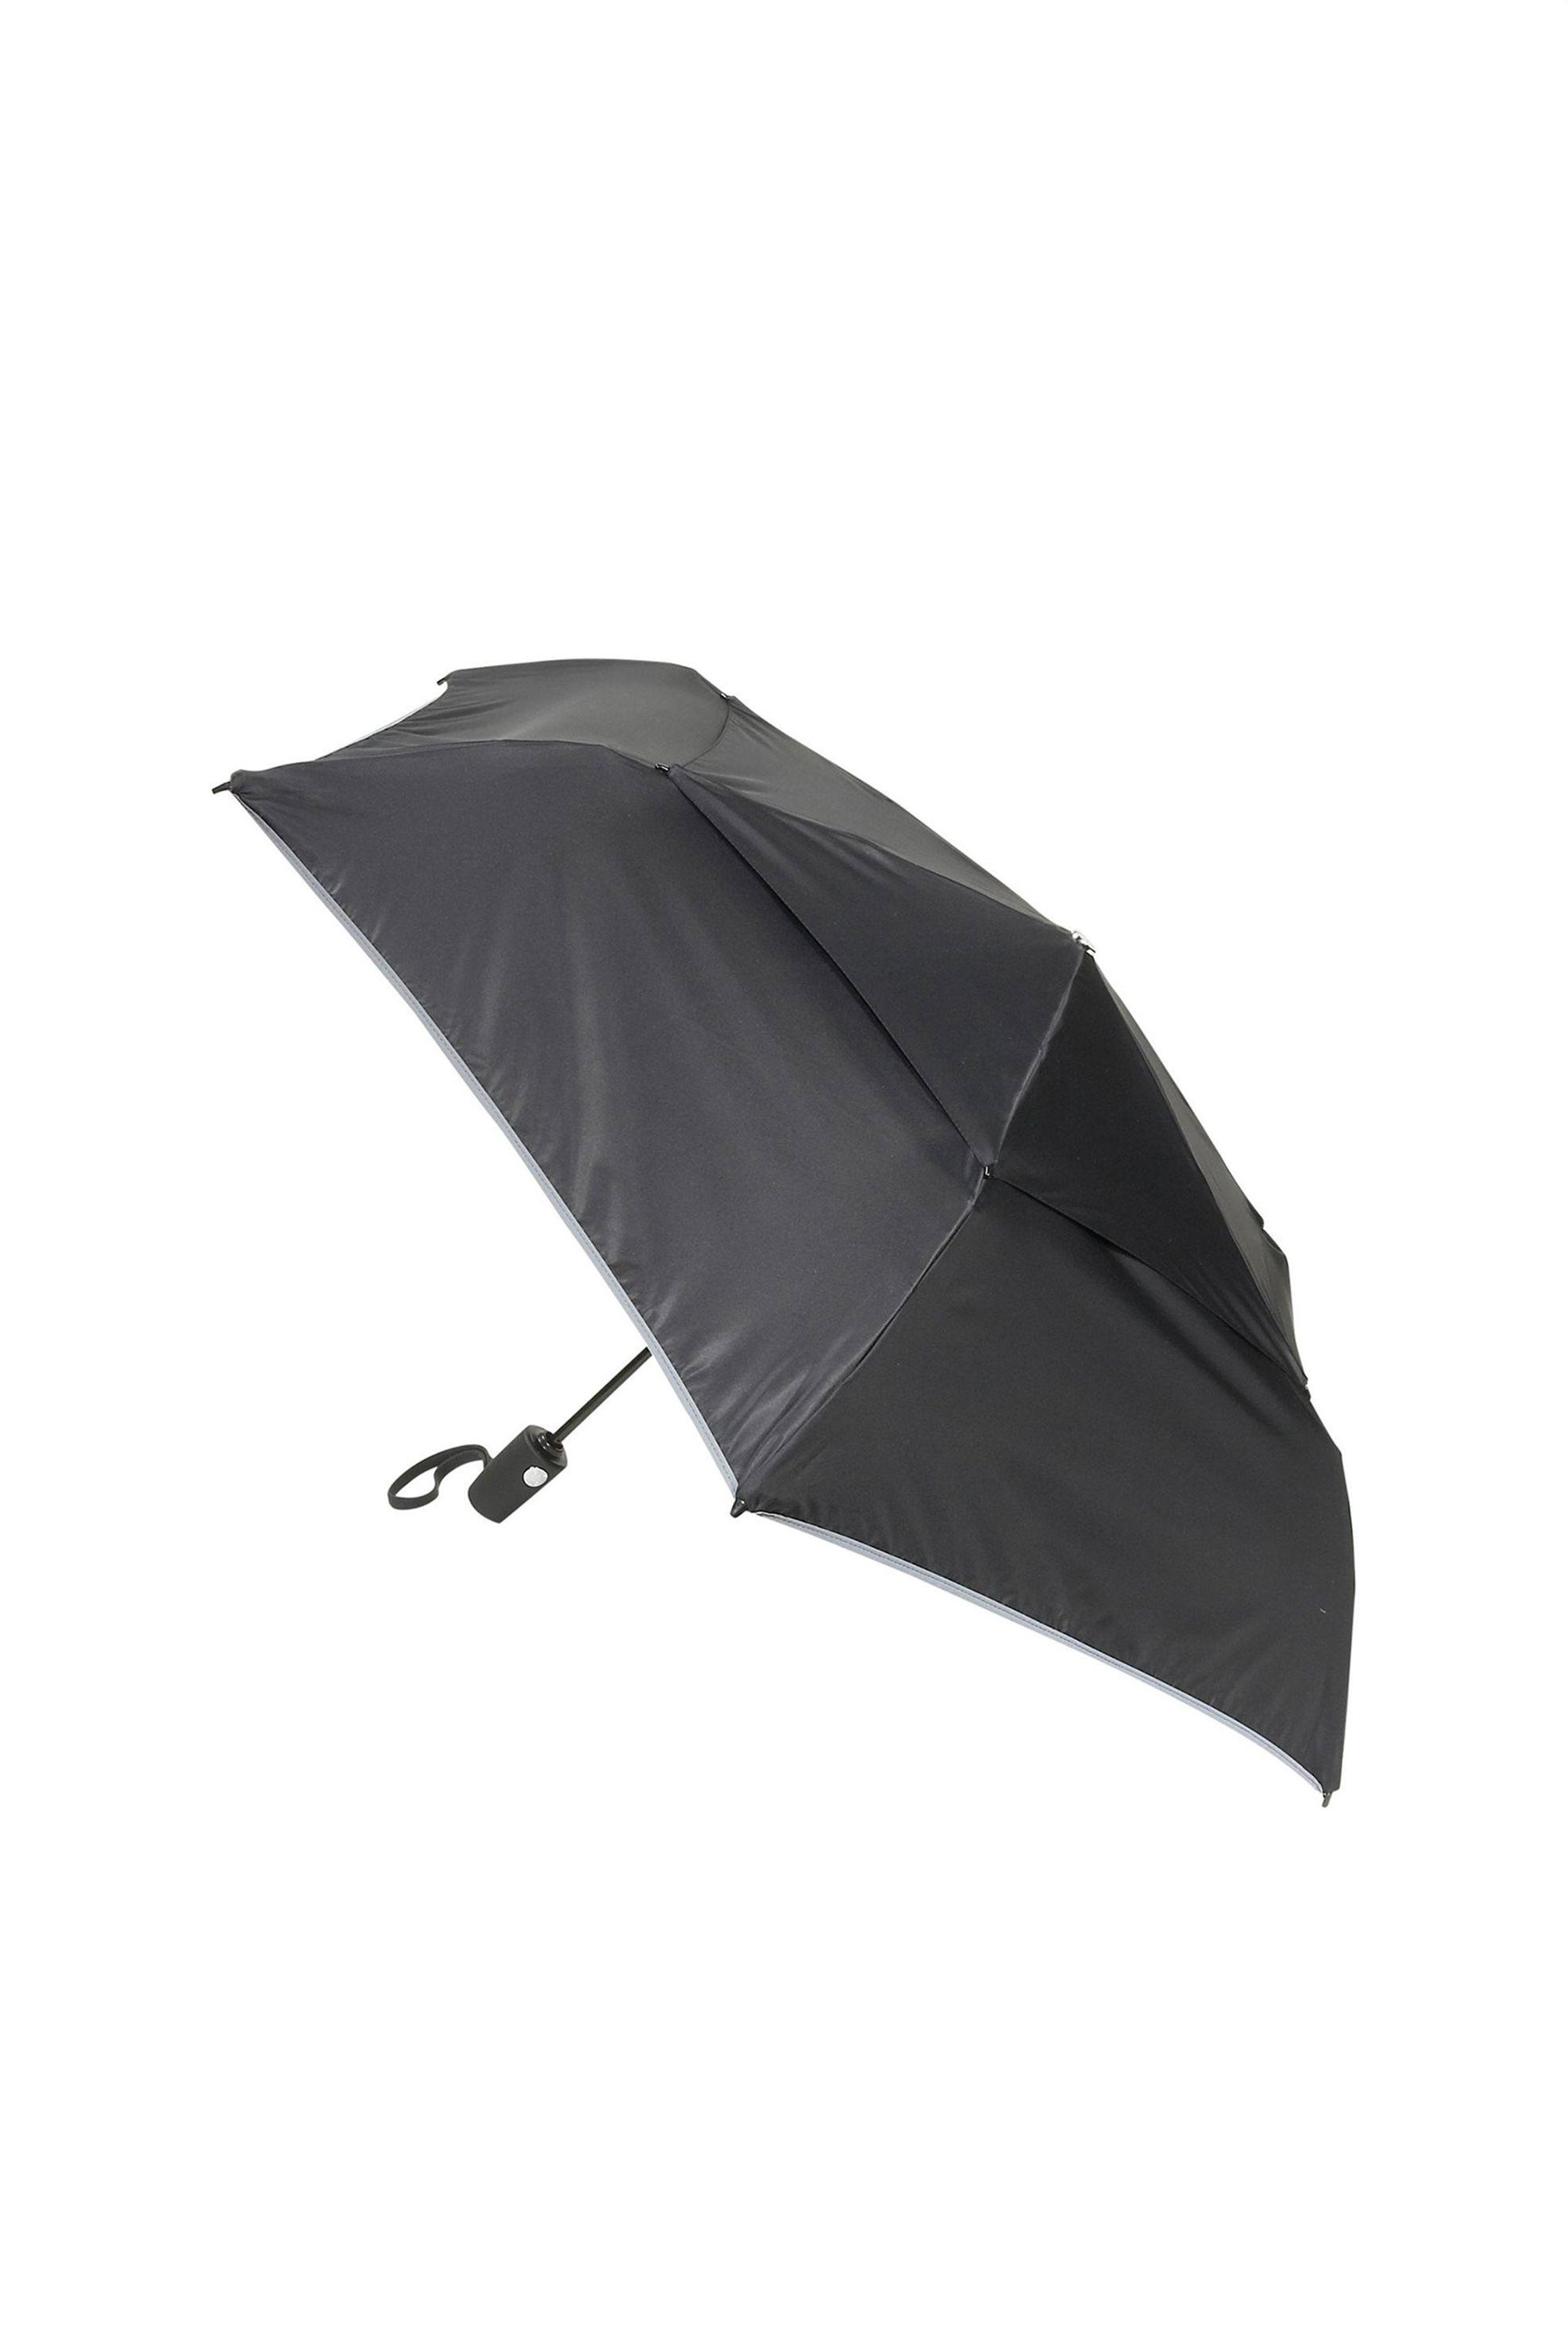 Tumi unisex αυτόματη ομπρέλα μονόχρωμη με θήκη - 464.014415D